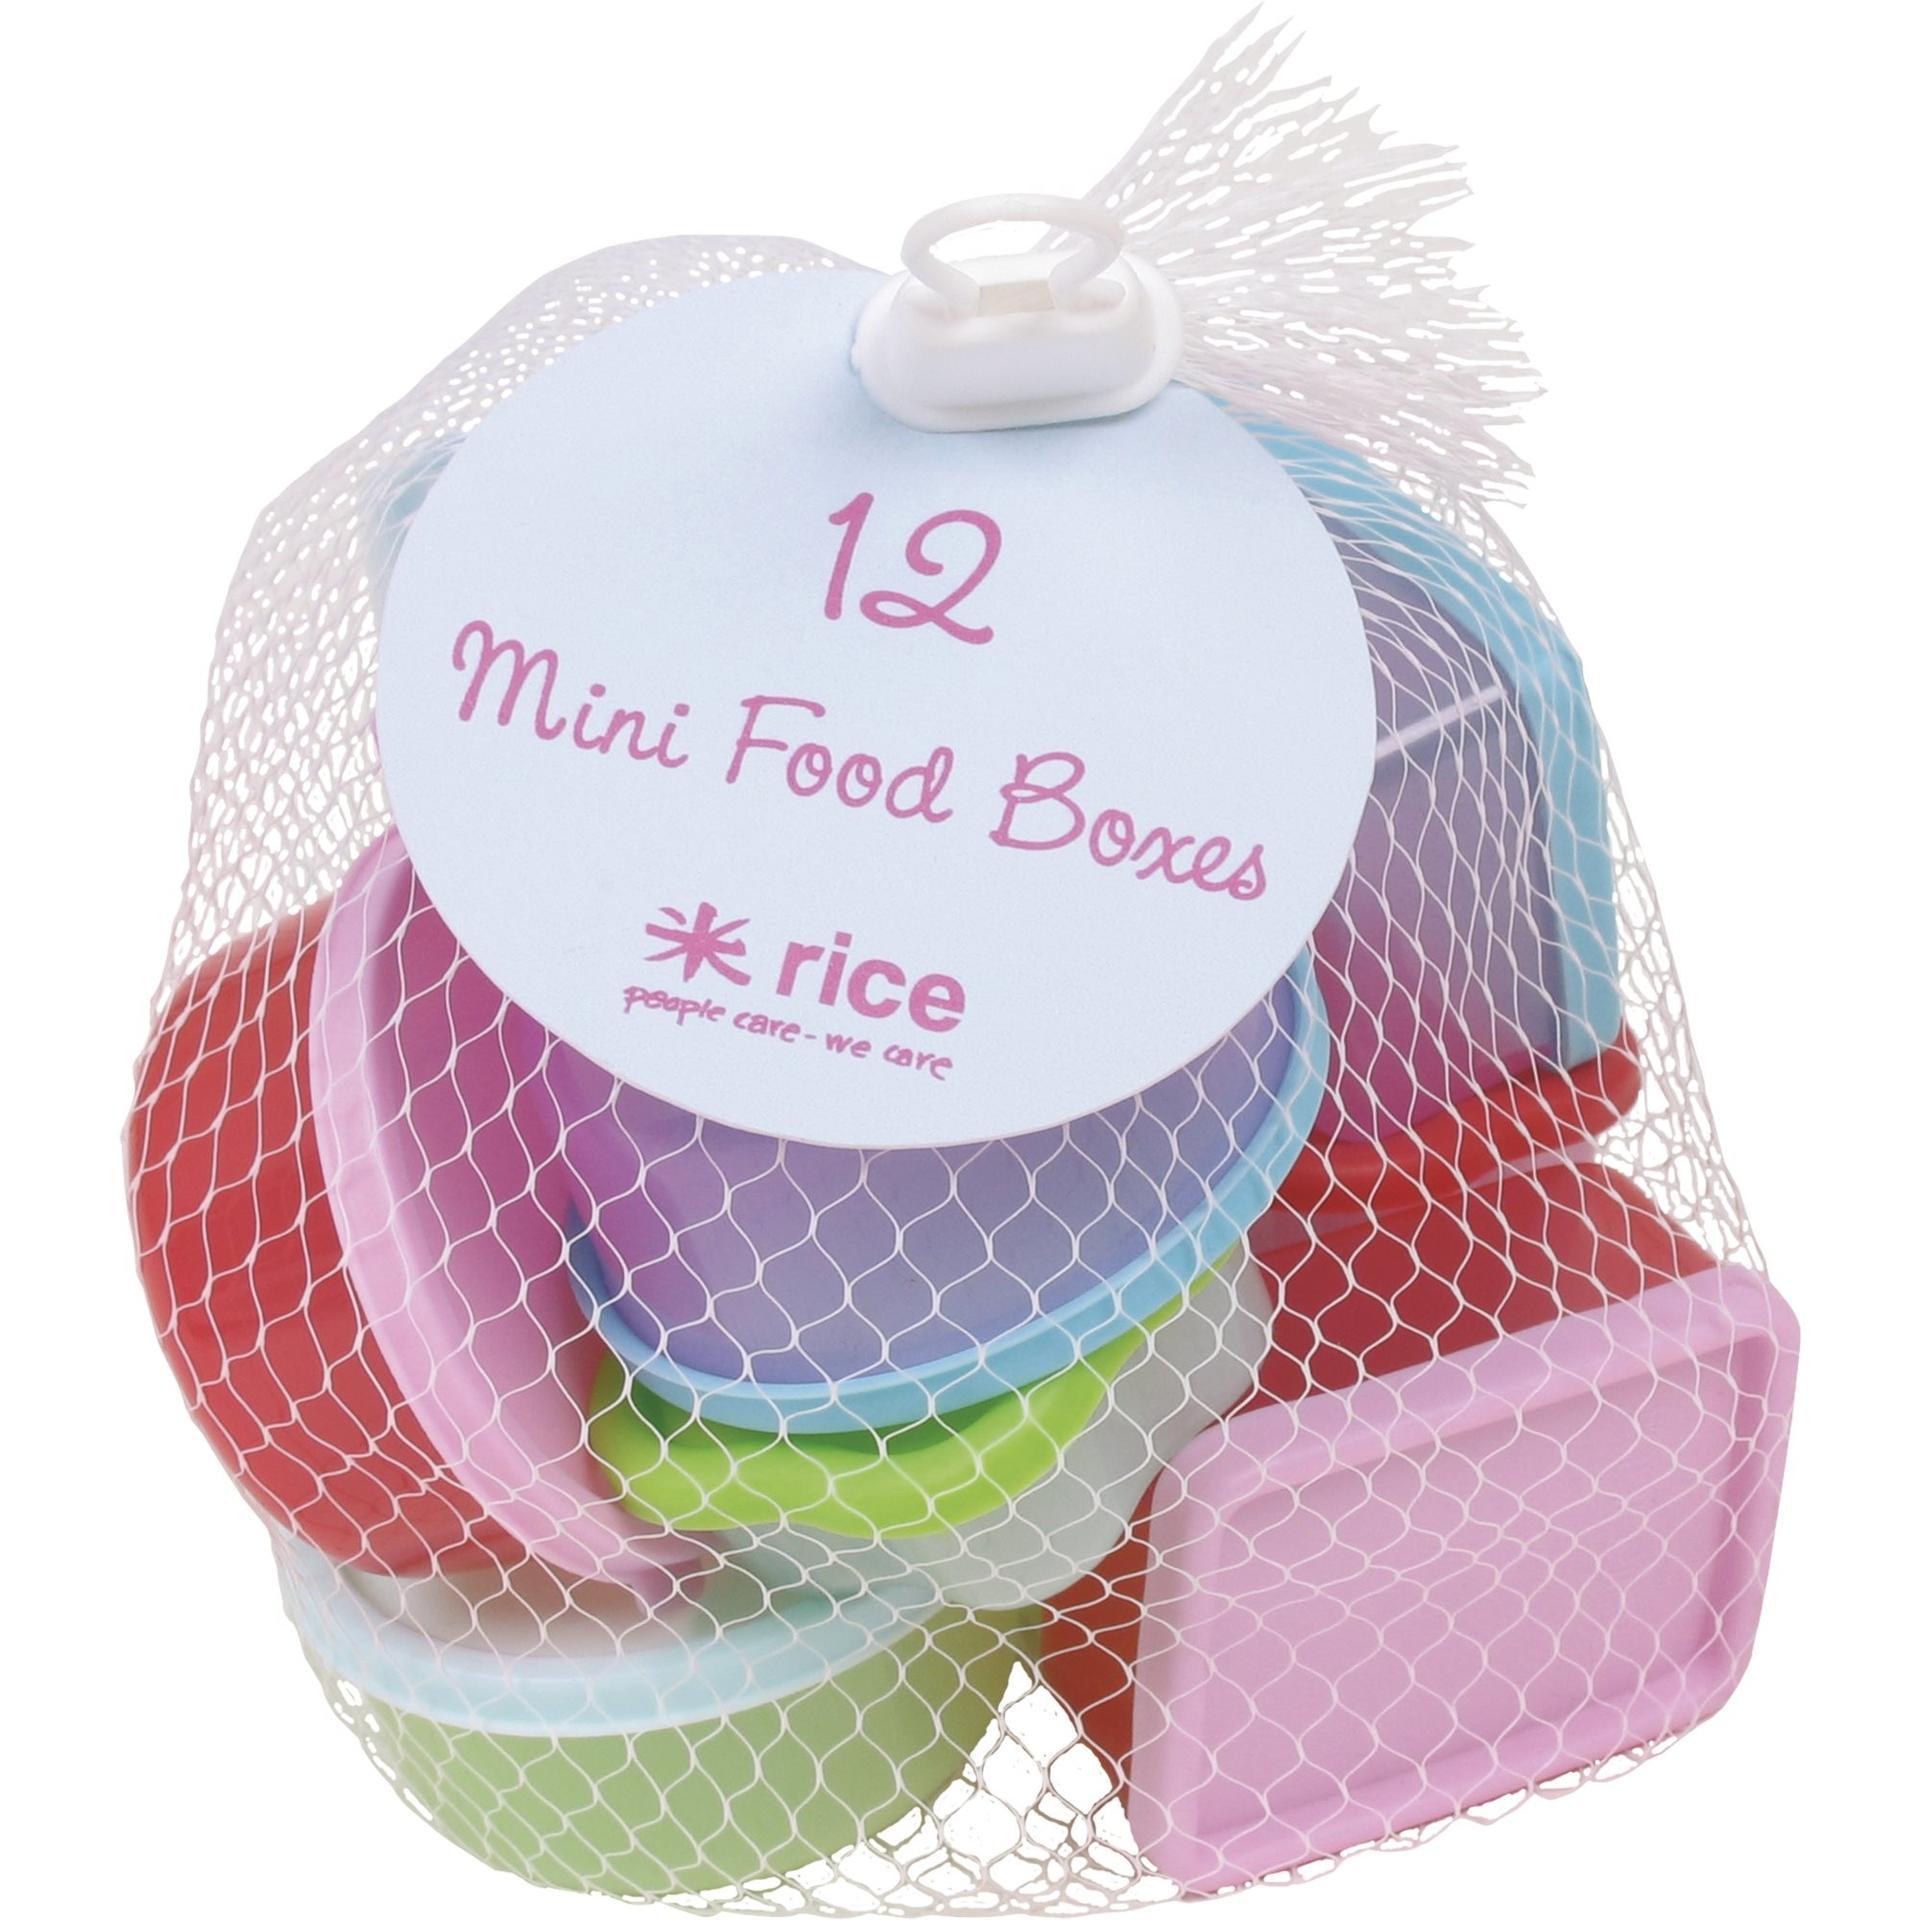 rice Plastové dózičky s víčky - set 12 ks, červená barva, růžová barva, fialová barva, modrá barva, zelená barva